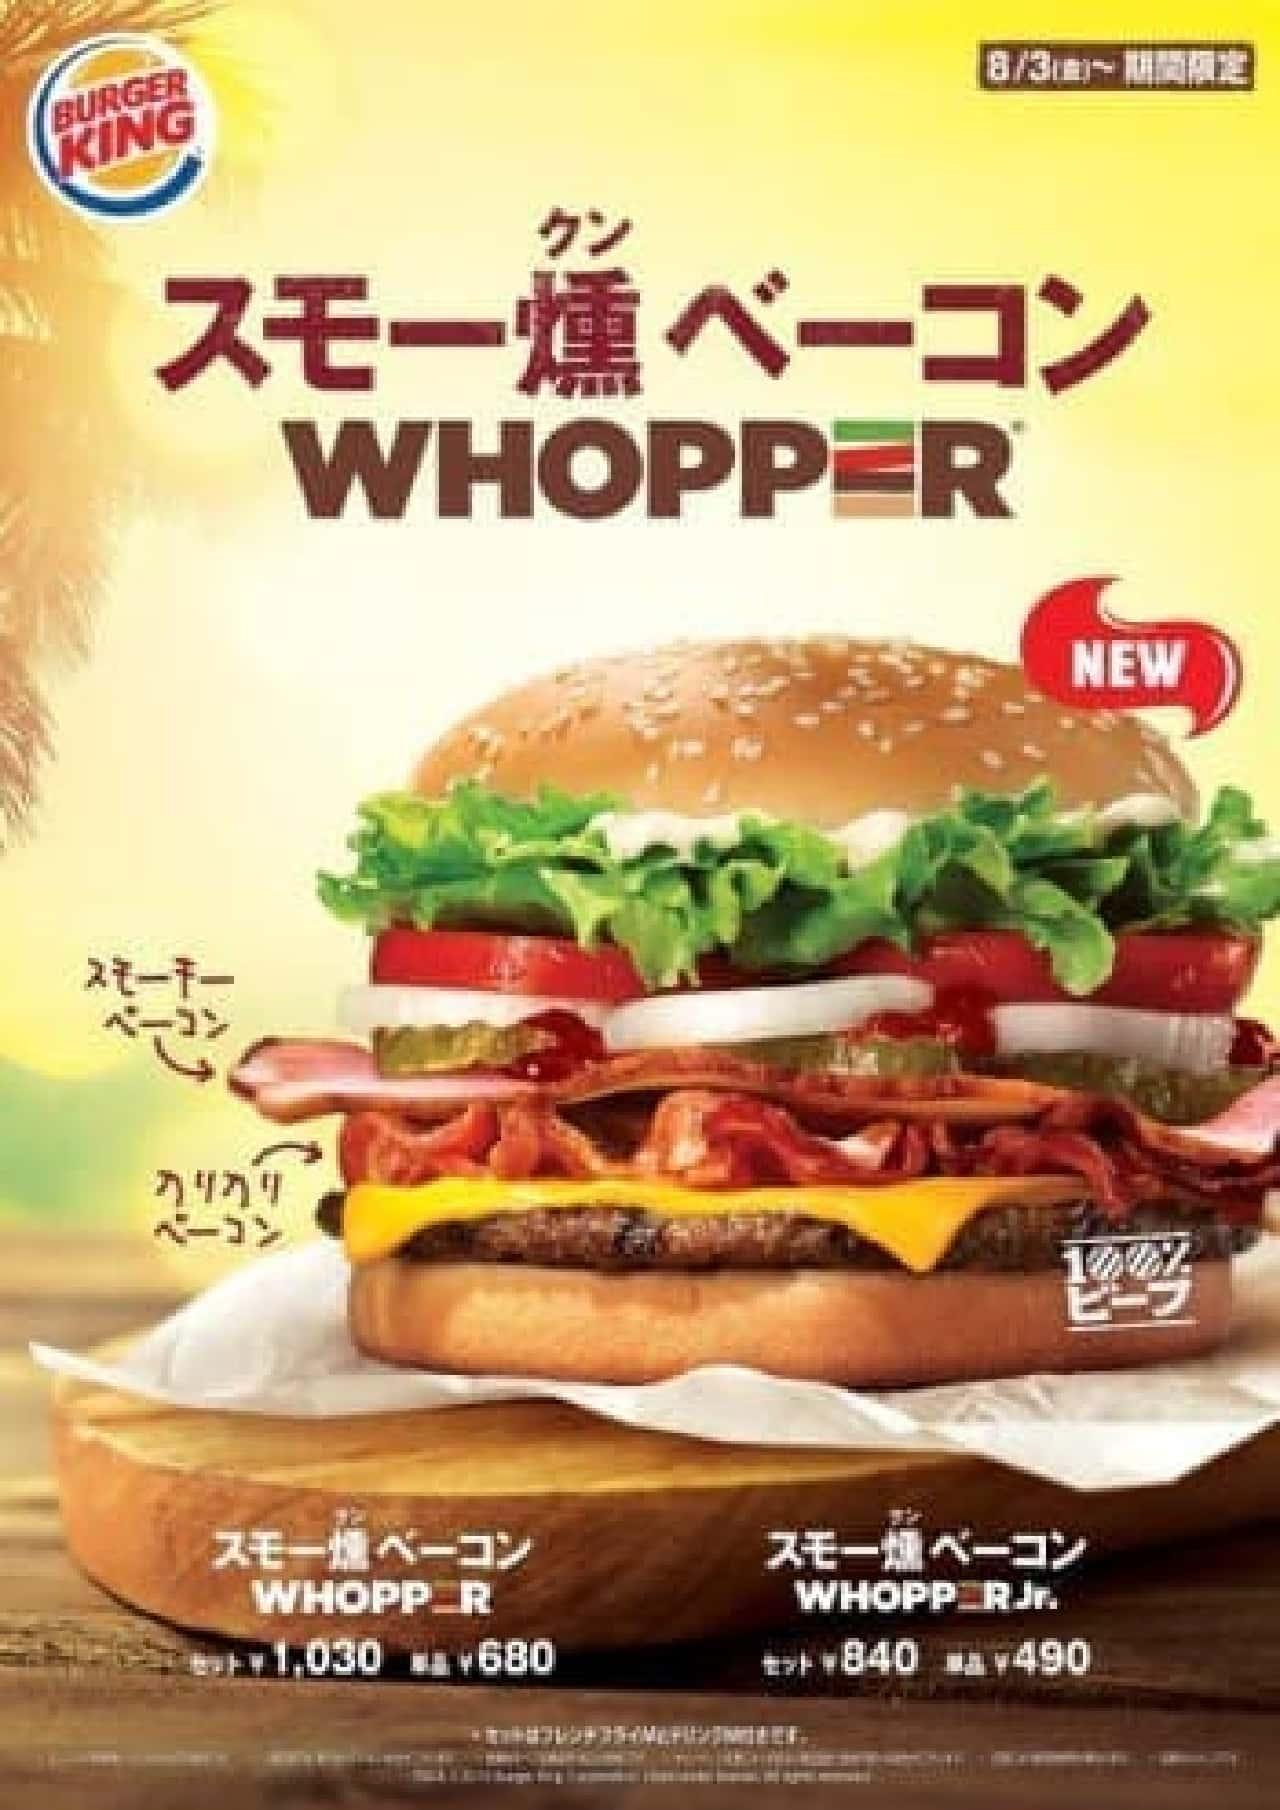 バーガーキング「スモー燻(クン)ベーコン WHOPPER(ワッパー)」